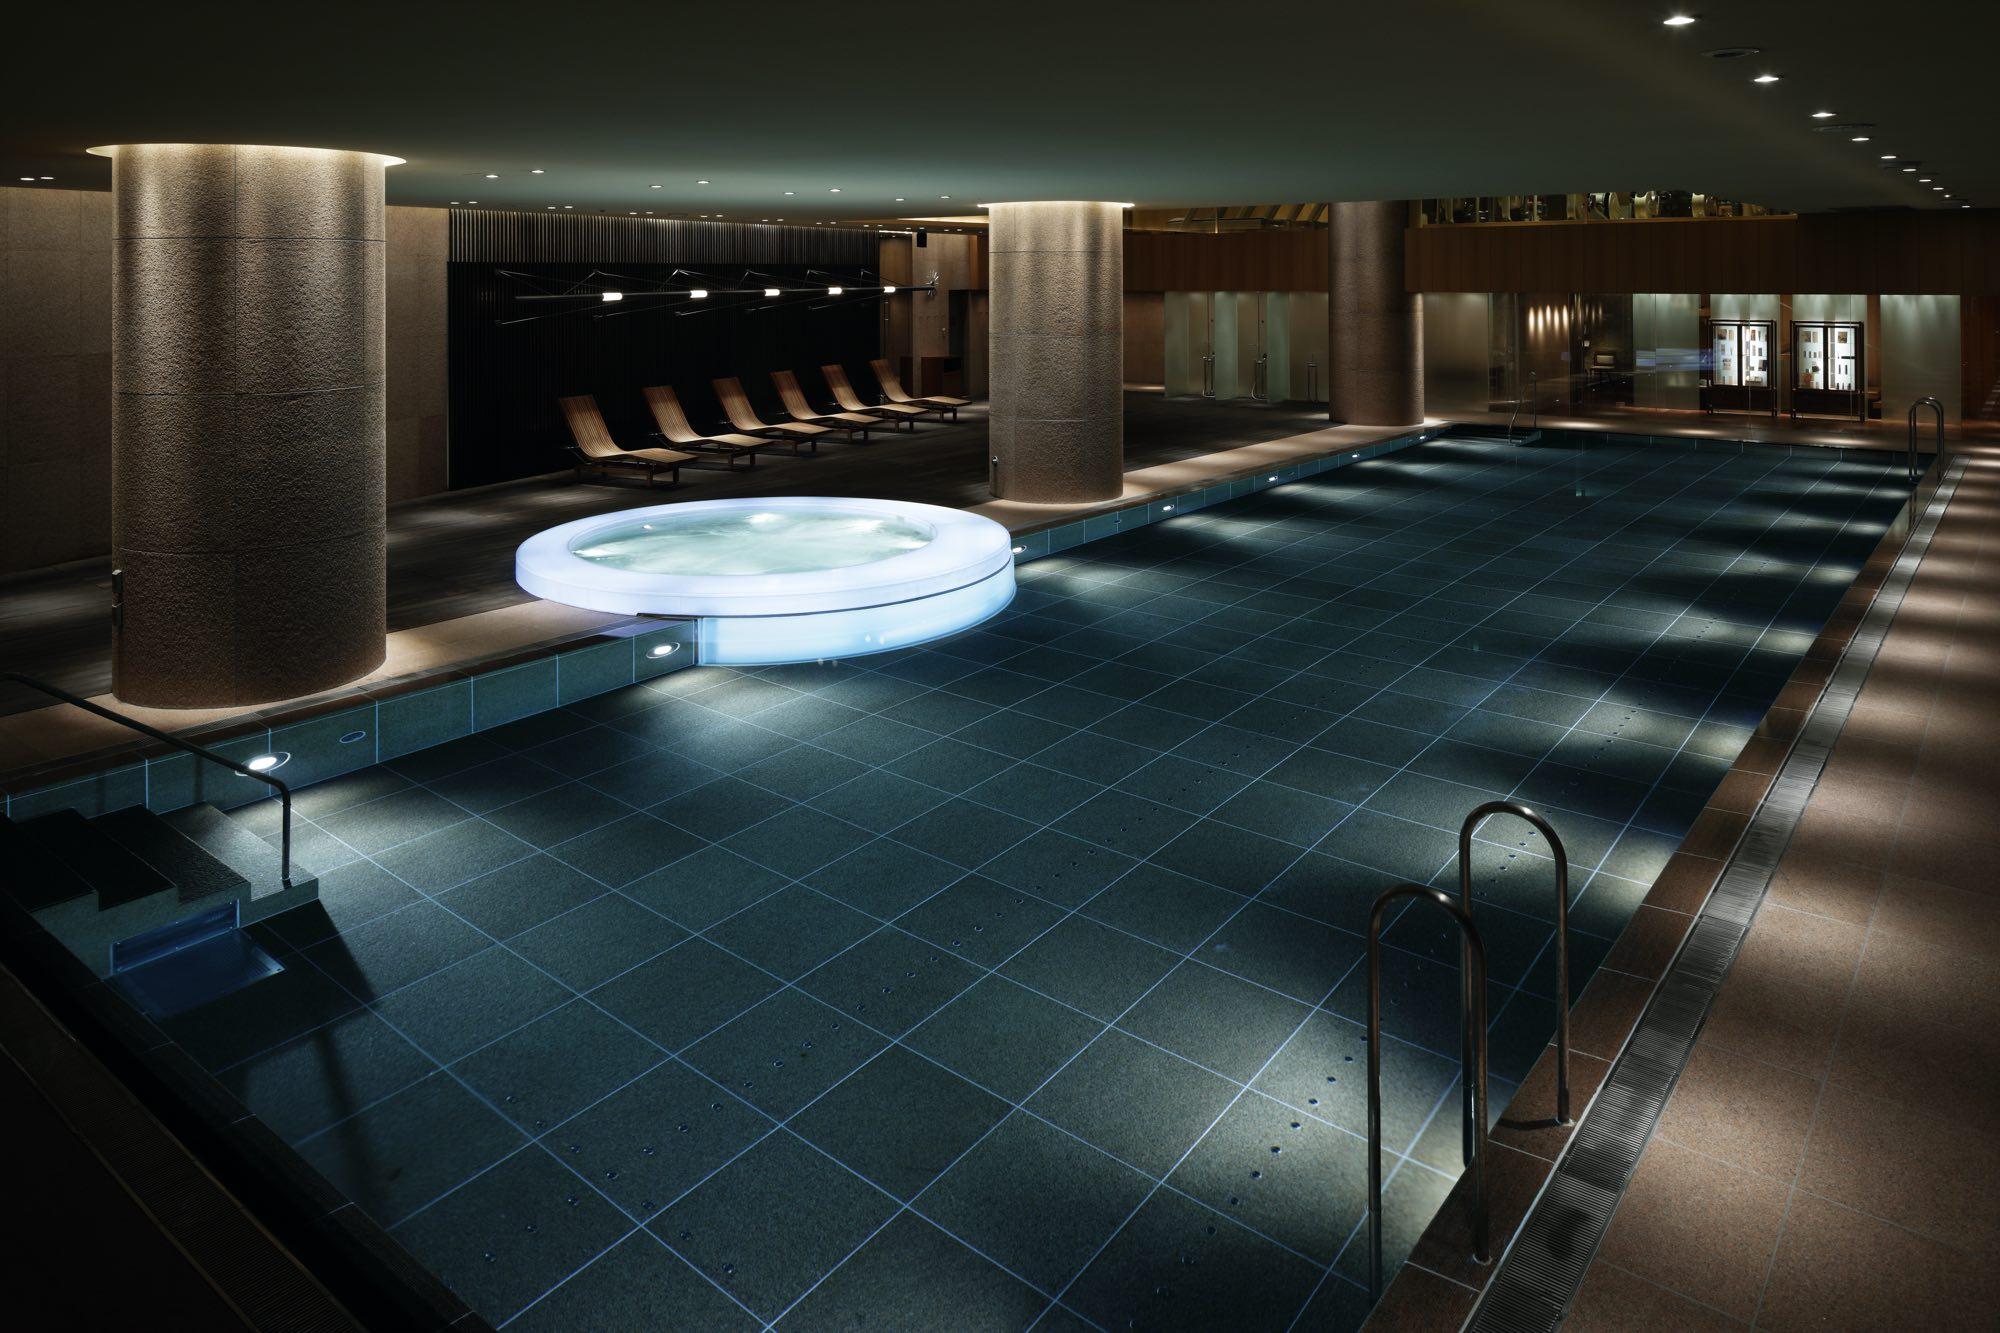 Tokyo Staycation The Best Summer 2020 Campaigns - Grand Hyatt Tokyo